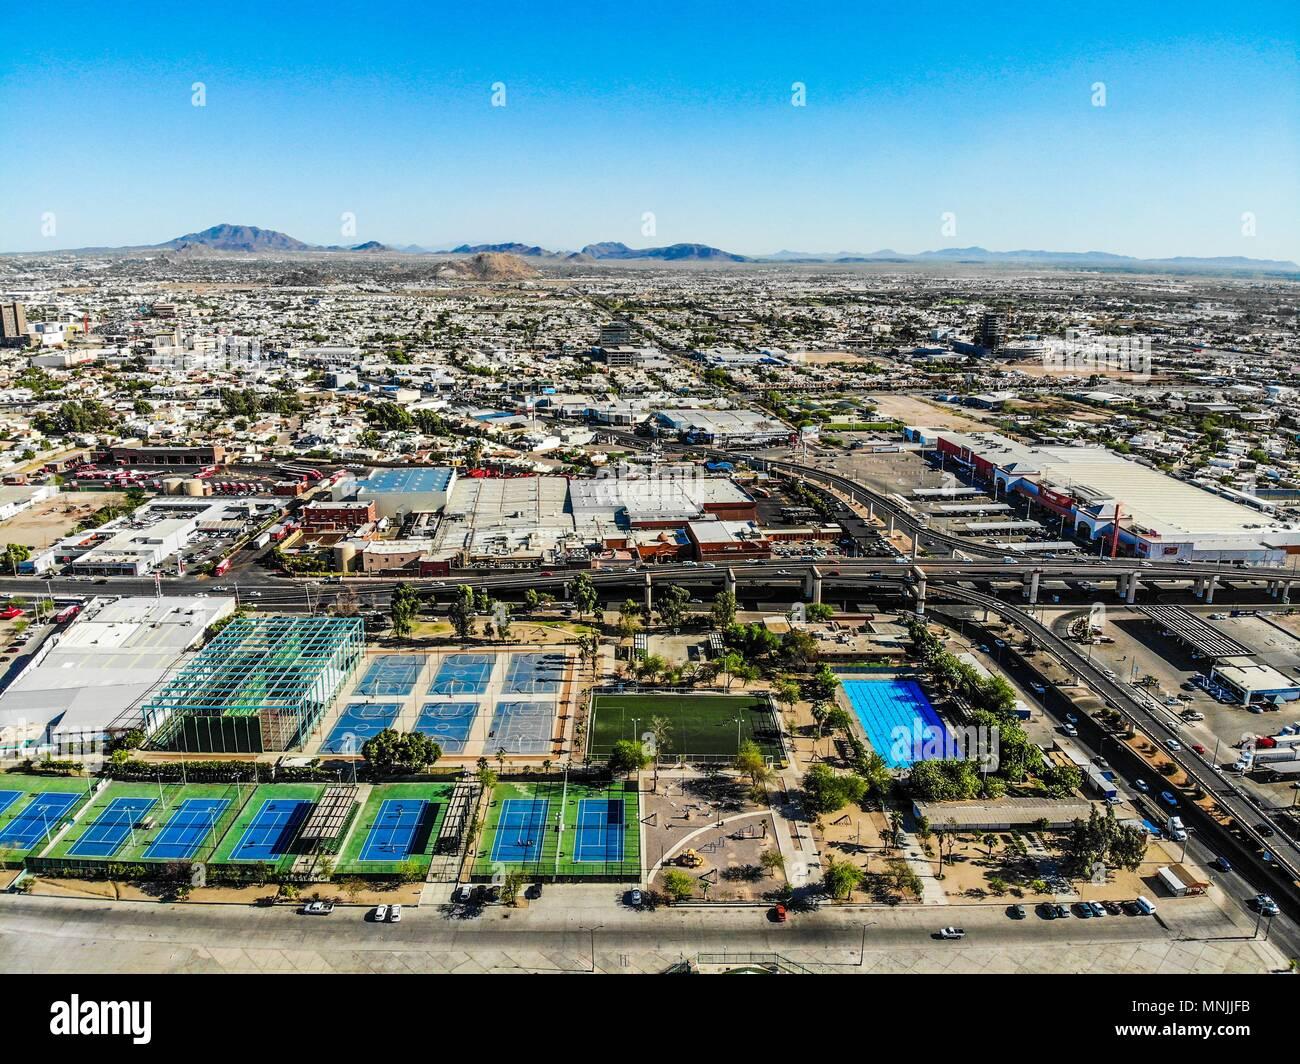 Vue aérienne de piscines, courts de tennis, basket-ball, boulevard, route, pont de distributeur. La circulation automobile. Hector Espino stadium. Mex Photo Stock